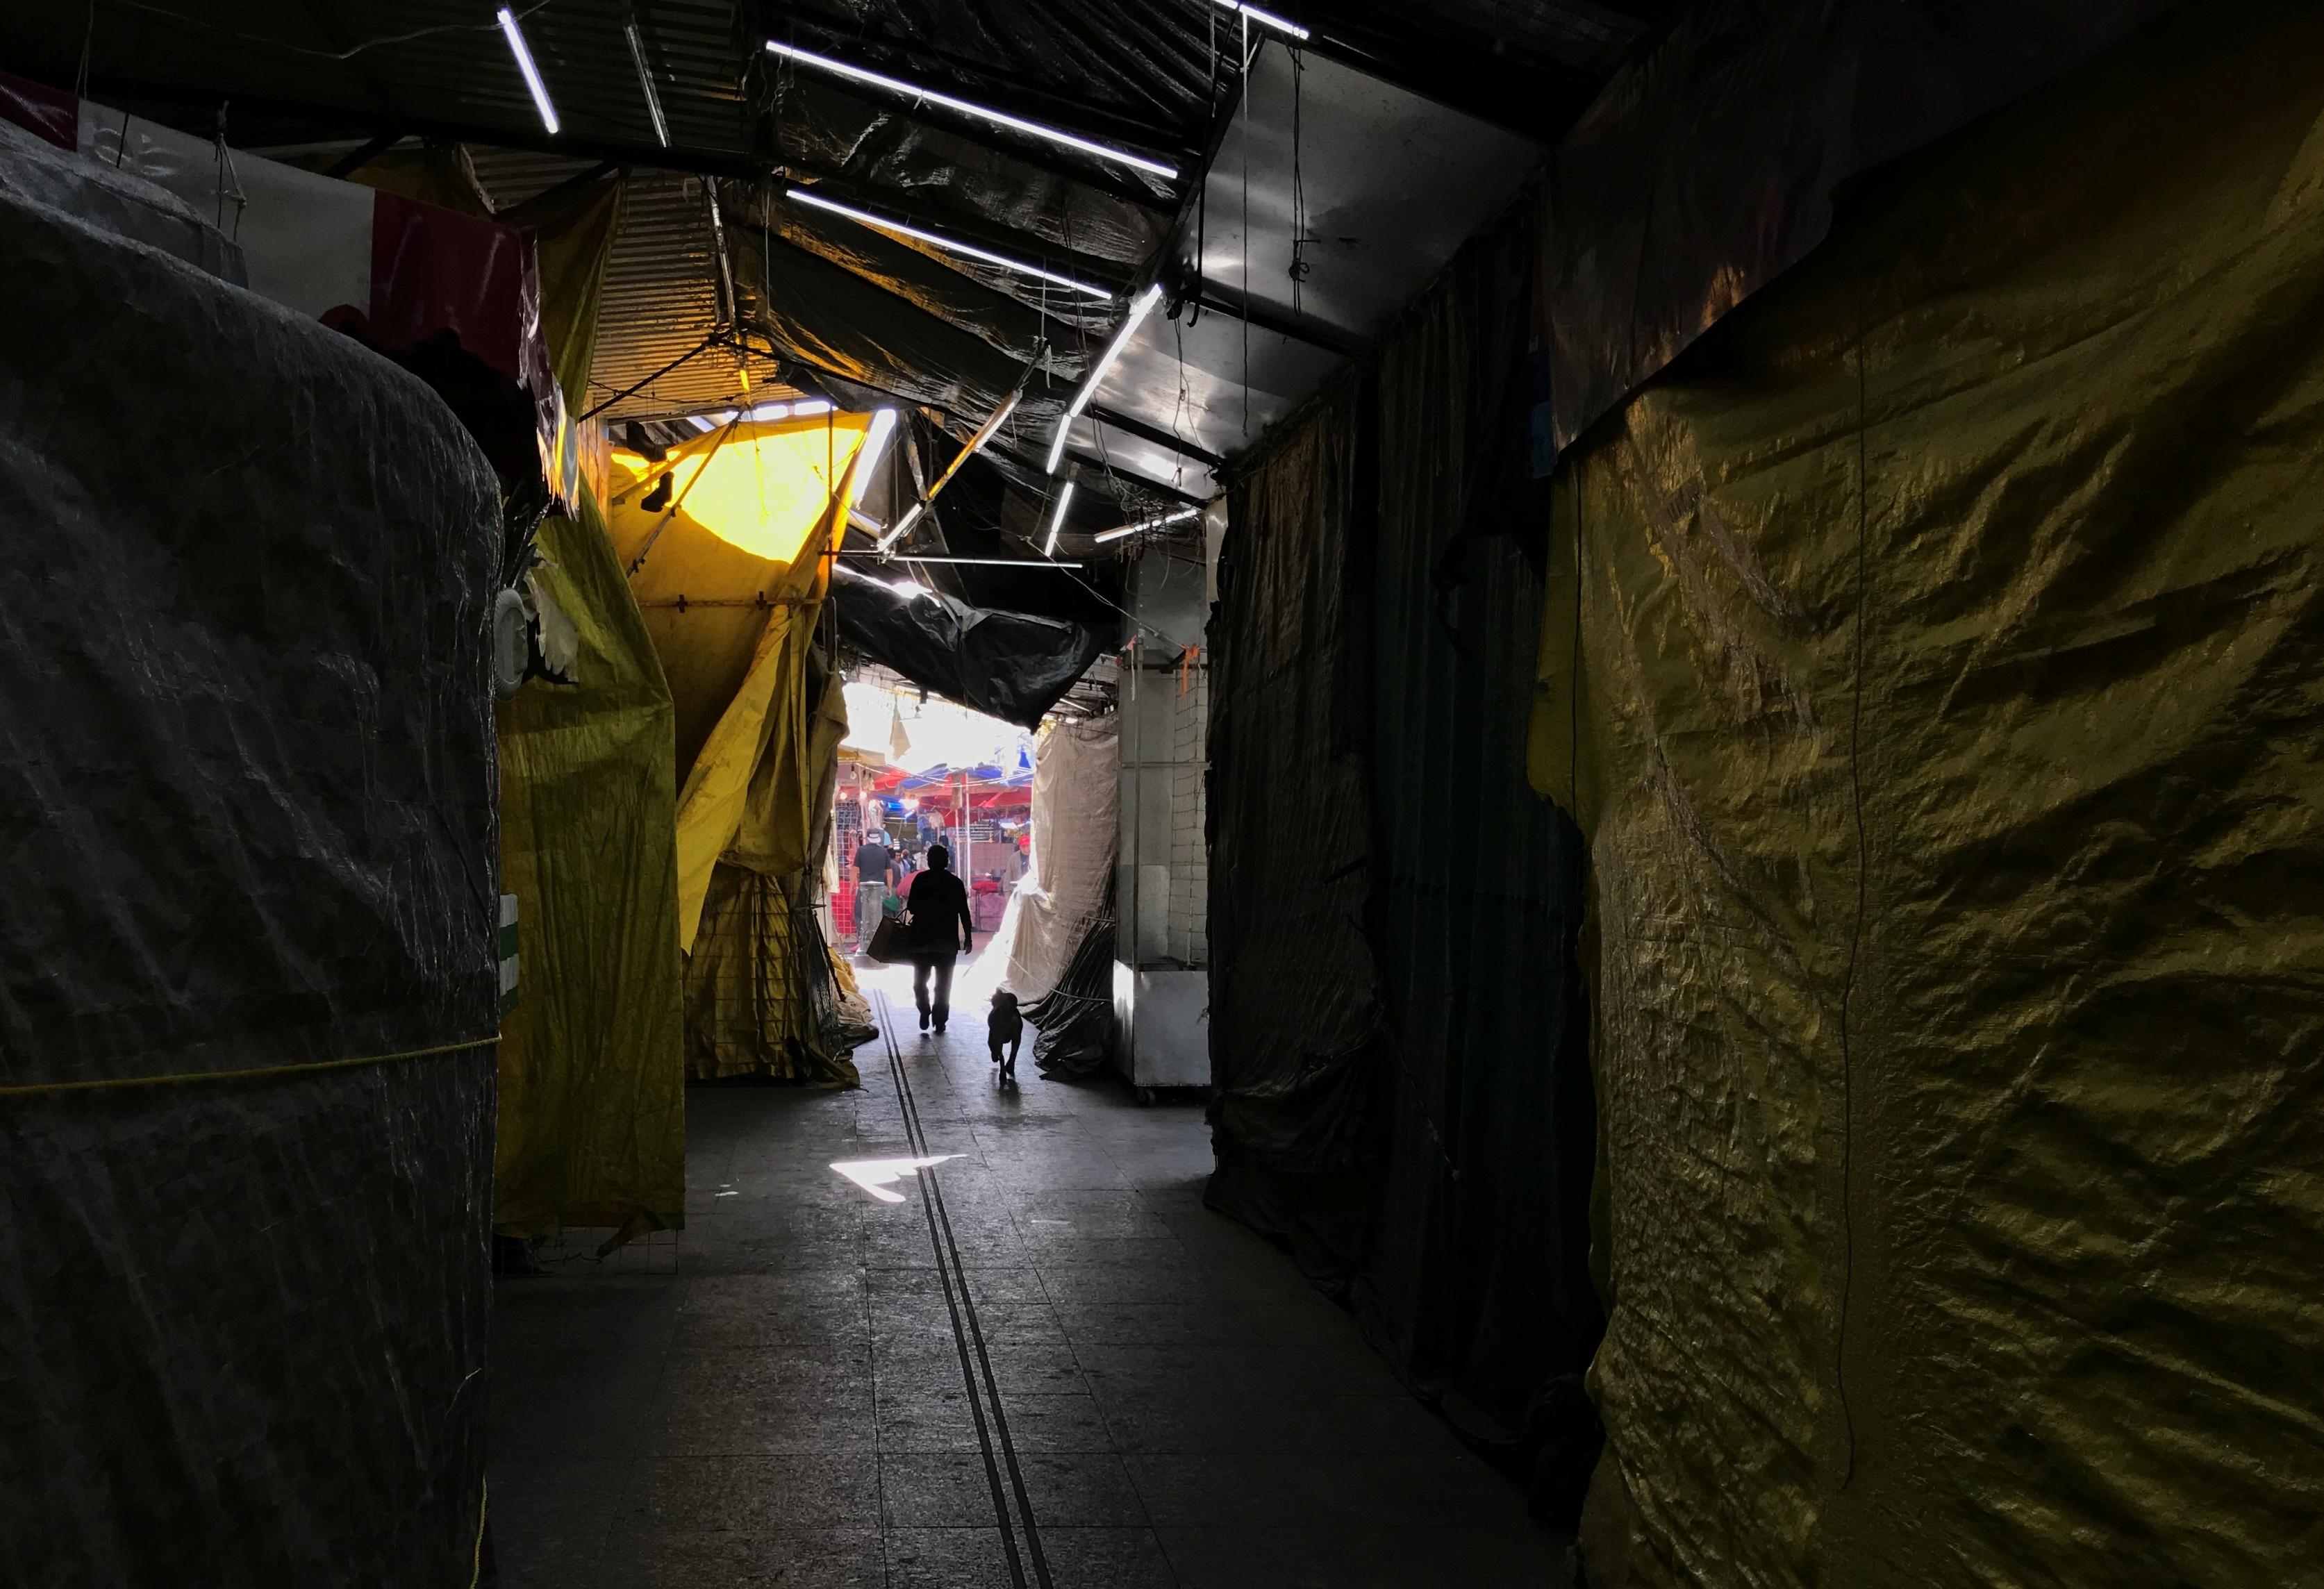 Una vista general muestra puestos callejeros cerrados mientras continúa el brote de la enfermedad por coronavirus (COVID-19), en el barrio de Iztapalapa en la Ciudad de México, México, 25 de marzo de 2020.